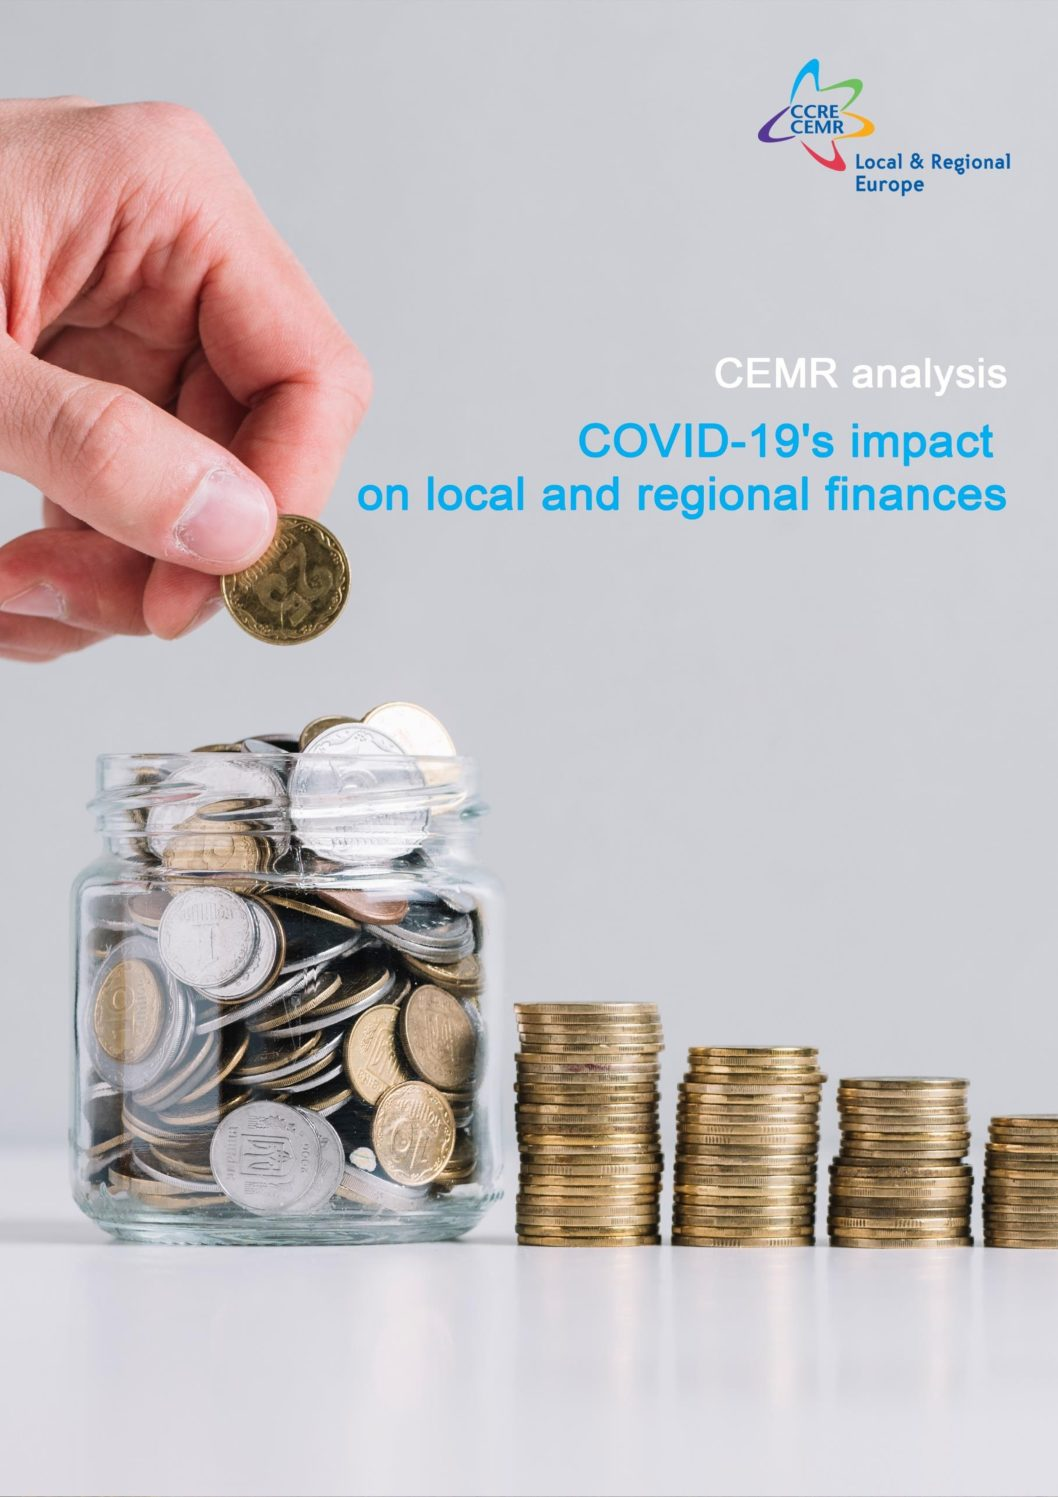 L'impatto devastante del COVID-19 sulle finanze locali: indagine del CEMR